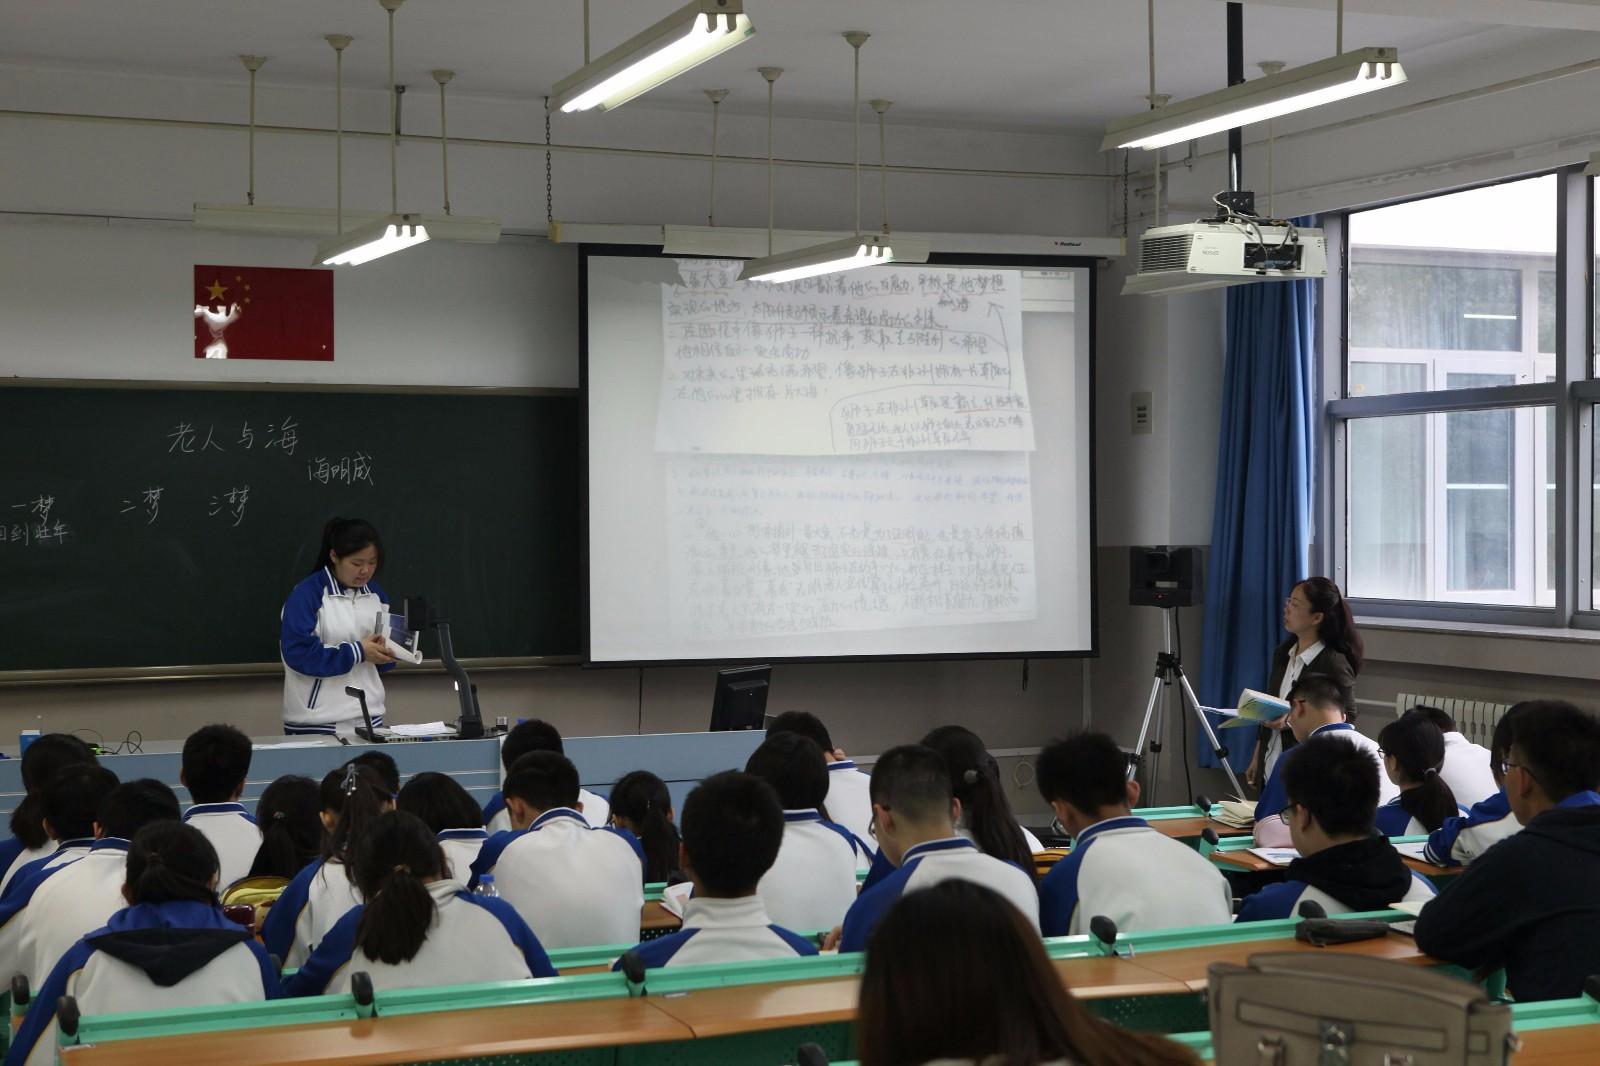 惠研老师在上课.jpg